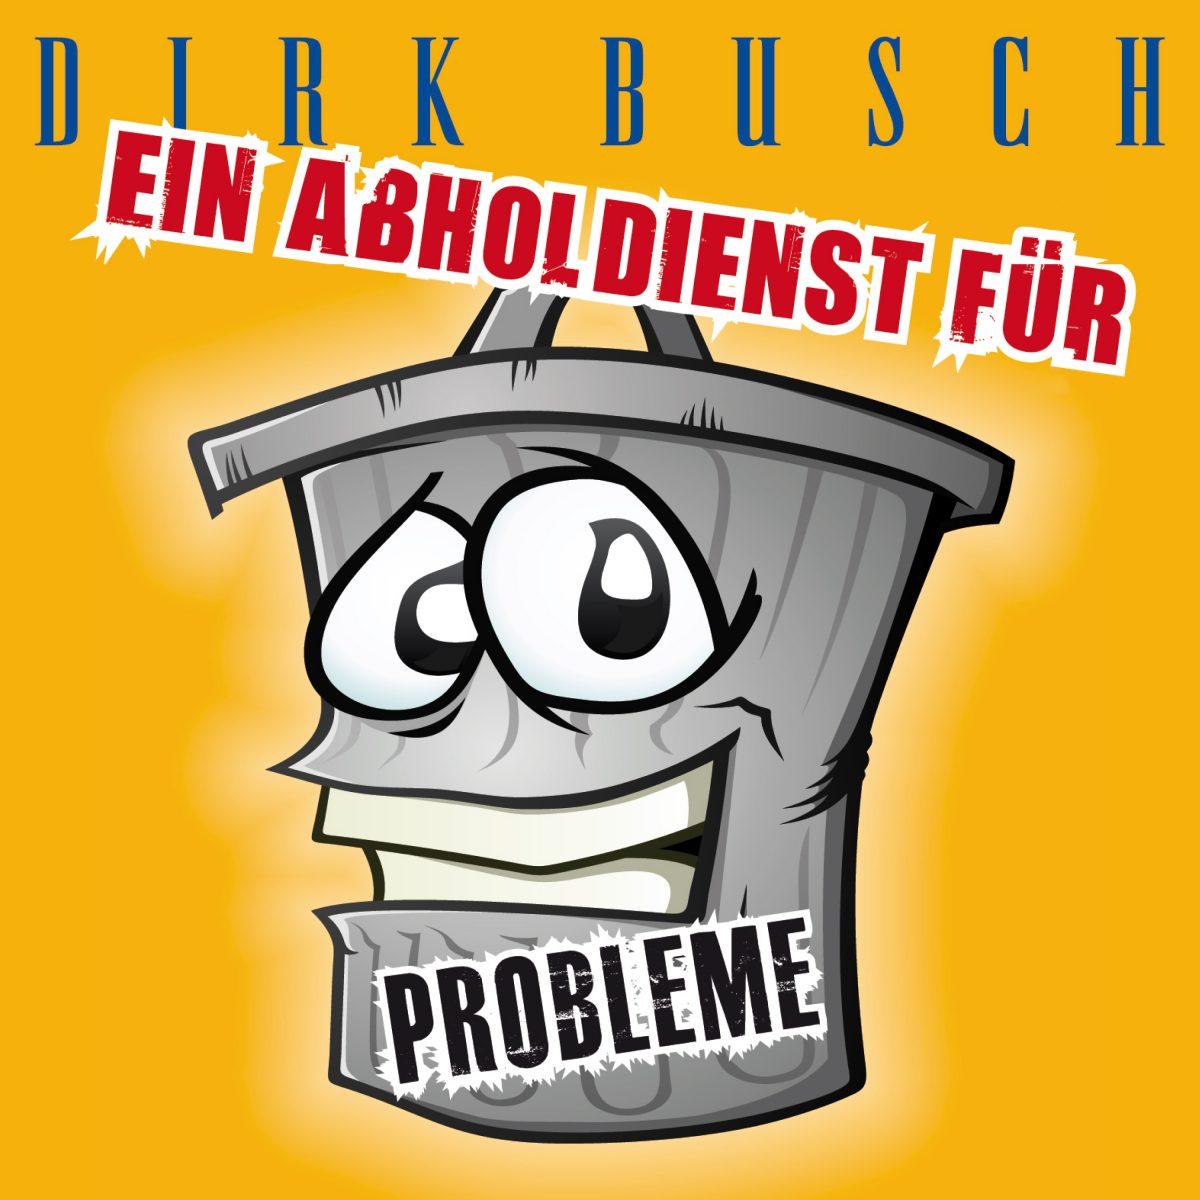 Dirk Buschein Abholdienst Für Probleme Der Neue Song Von